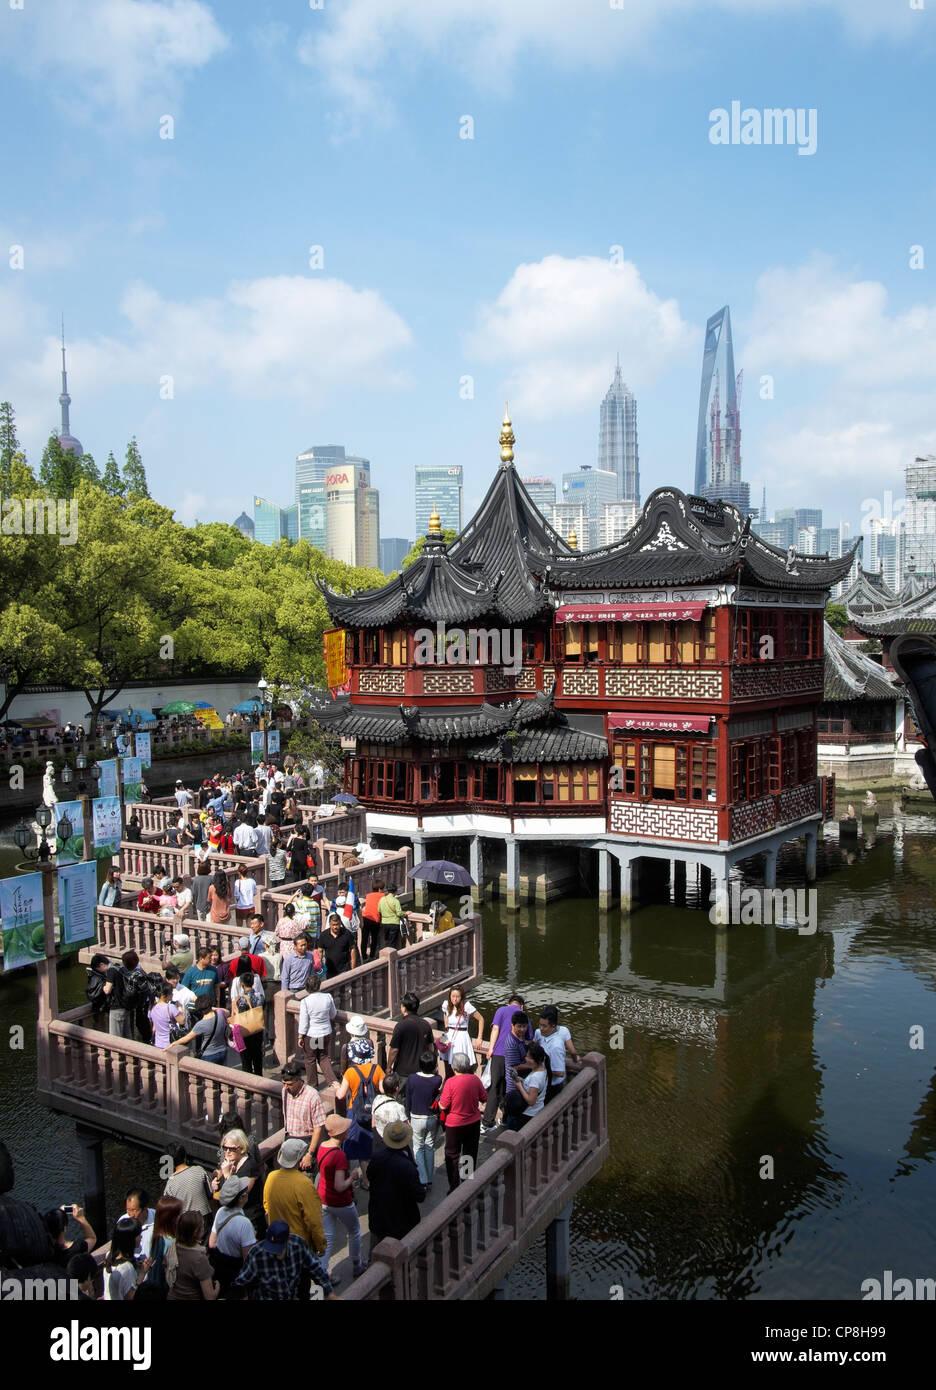 Avis de thé dans le Jardin Yuyuan à Shanghai Chine Photo Stock